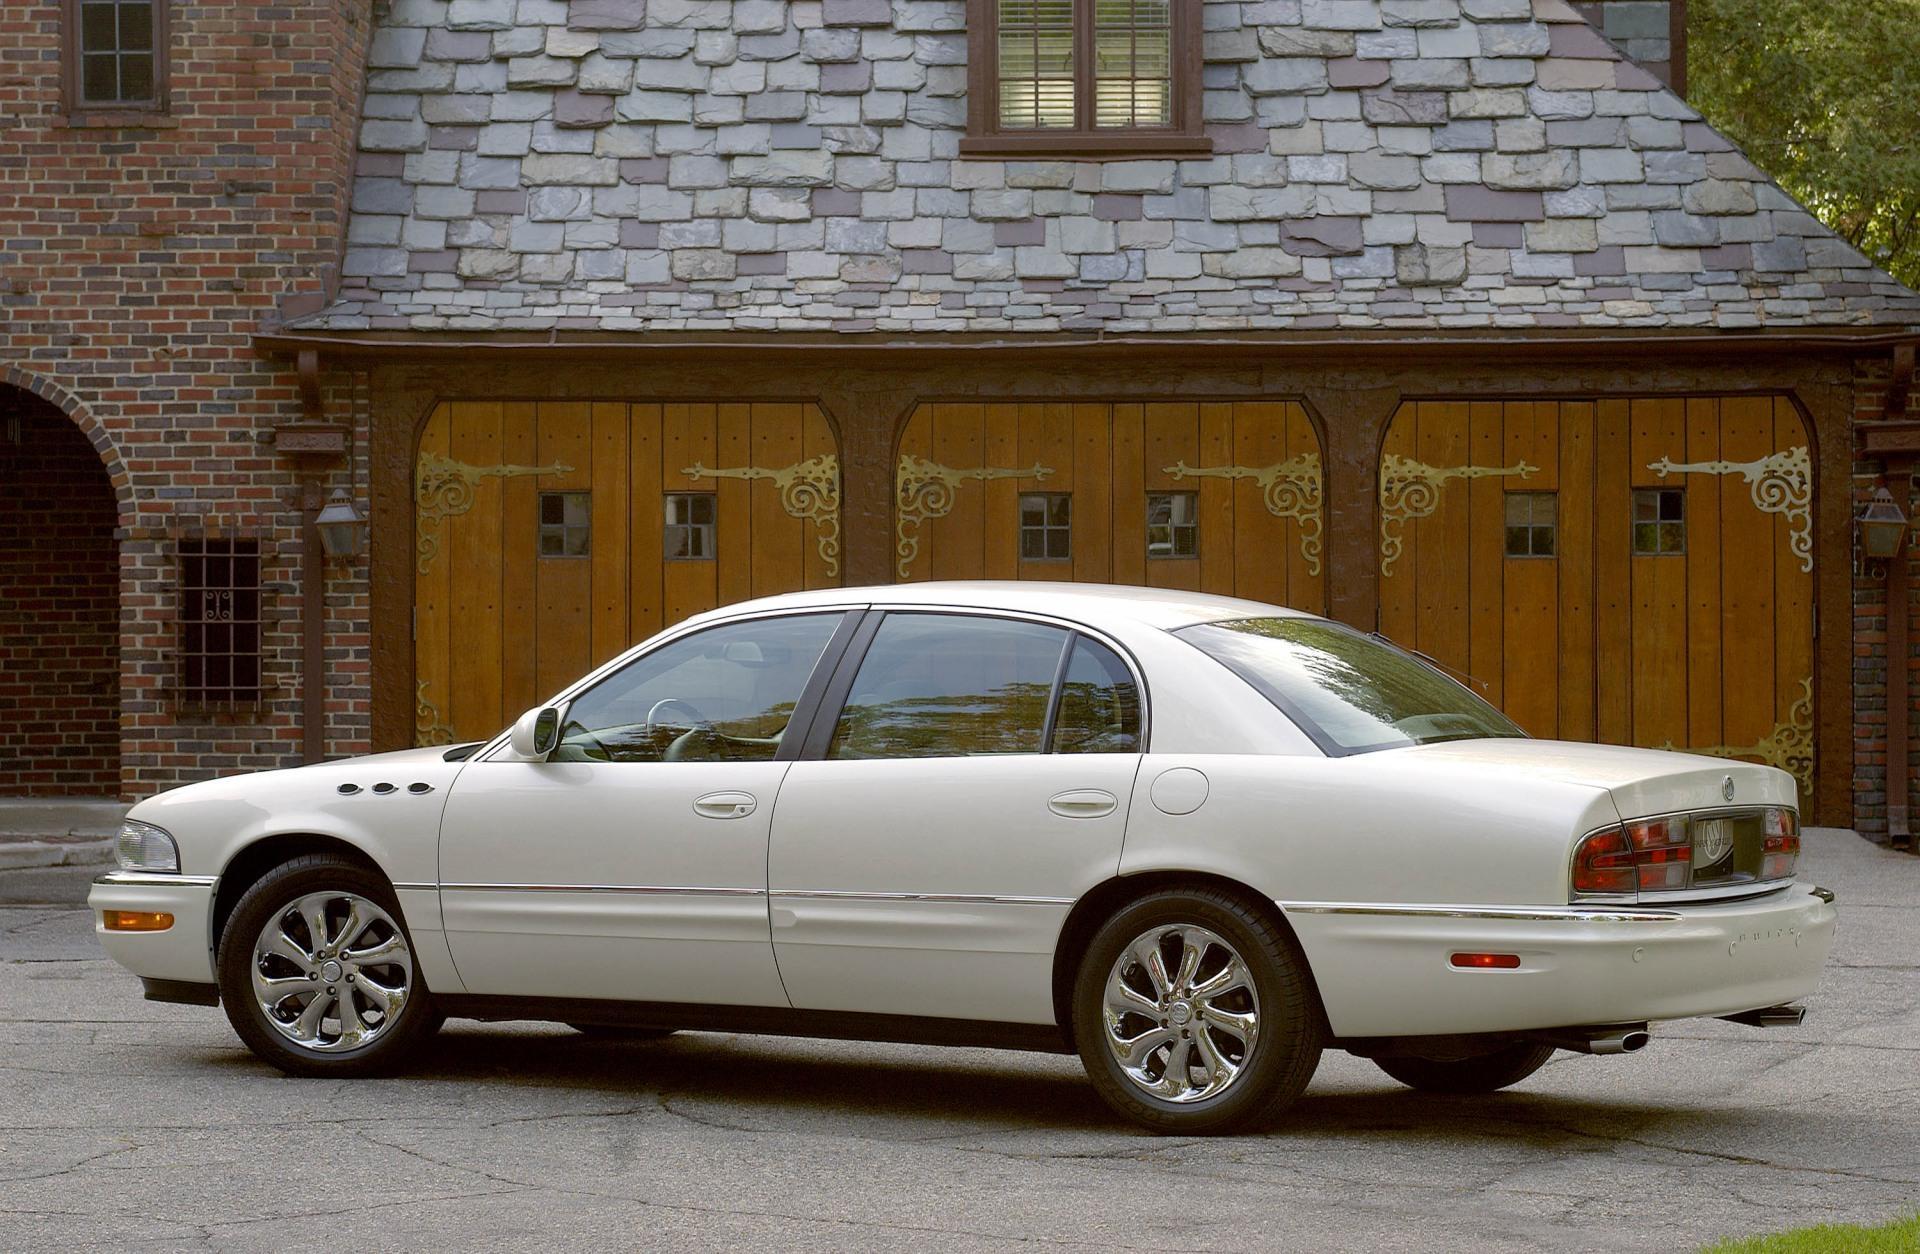 2005 Buick Park Avenue Image Https Www Conceptcarz Com